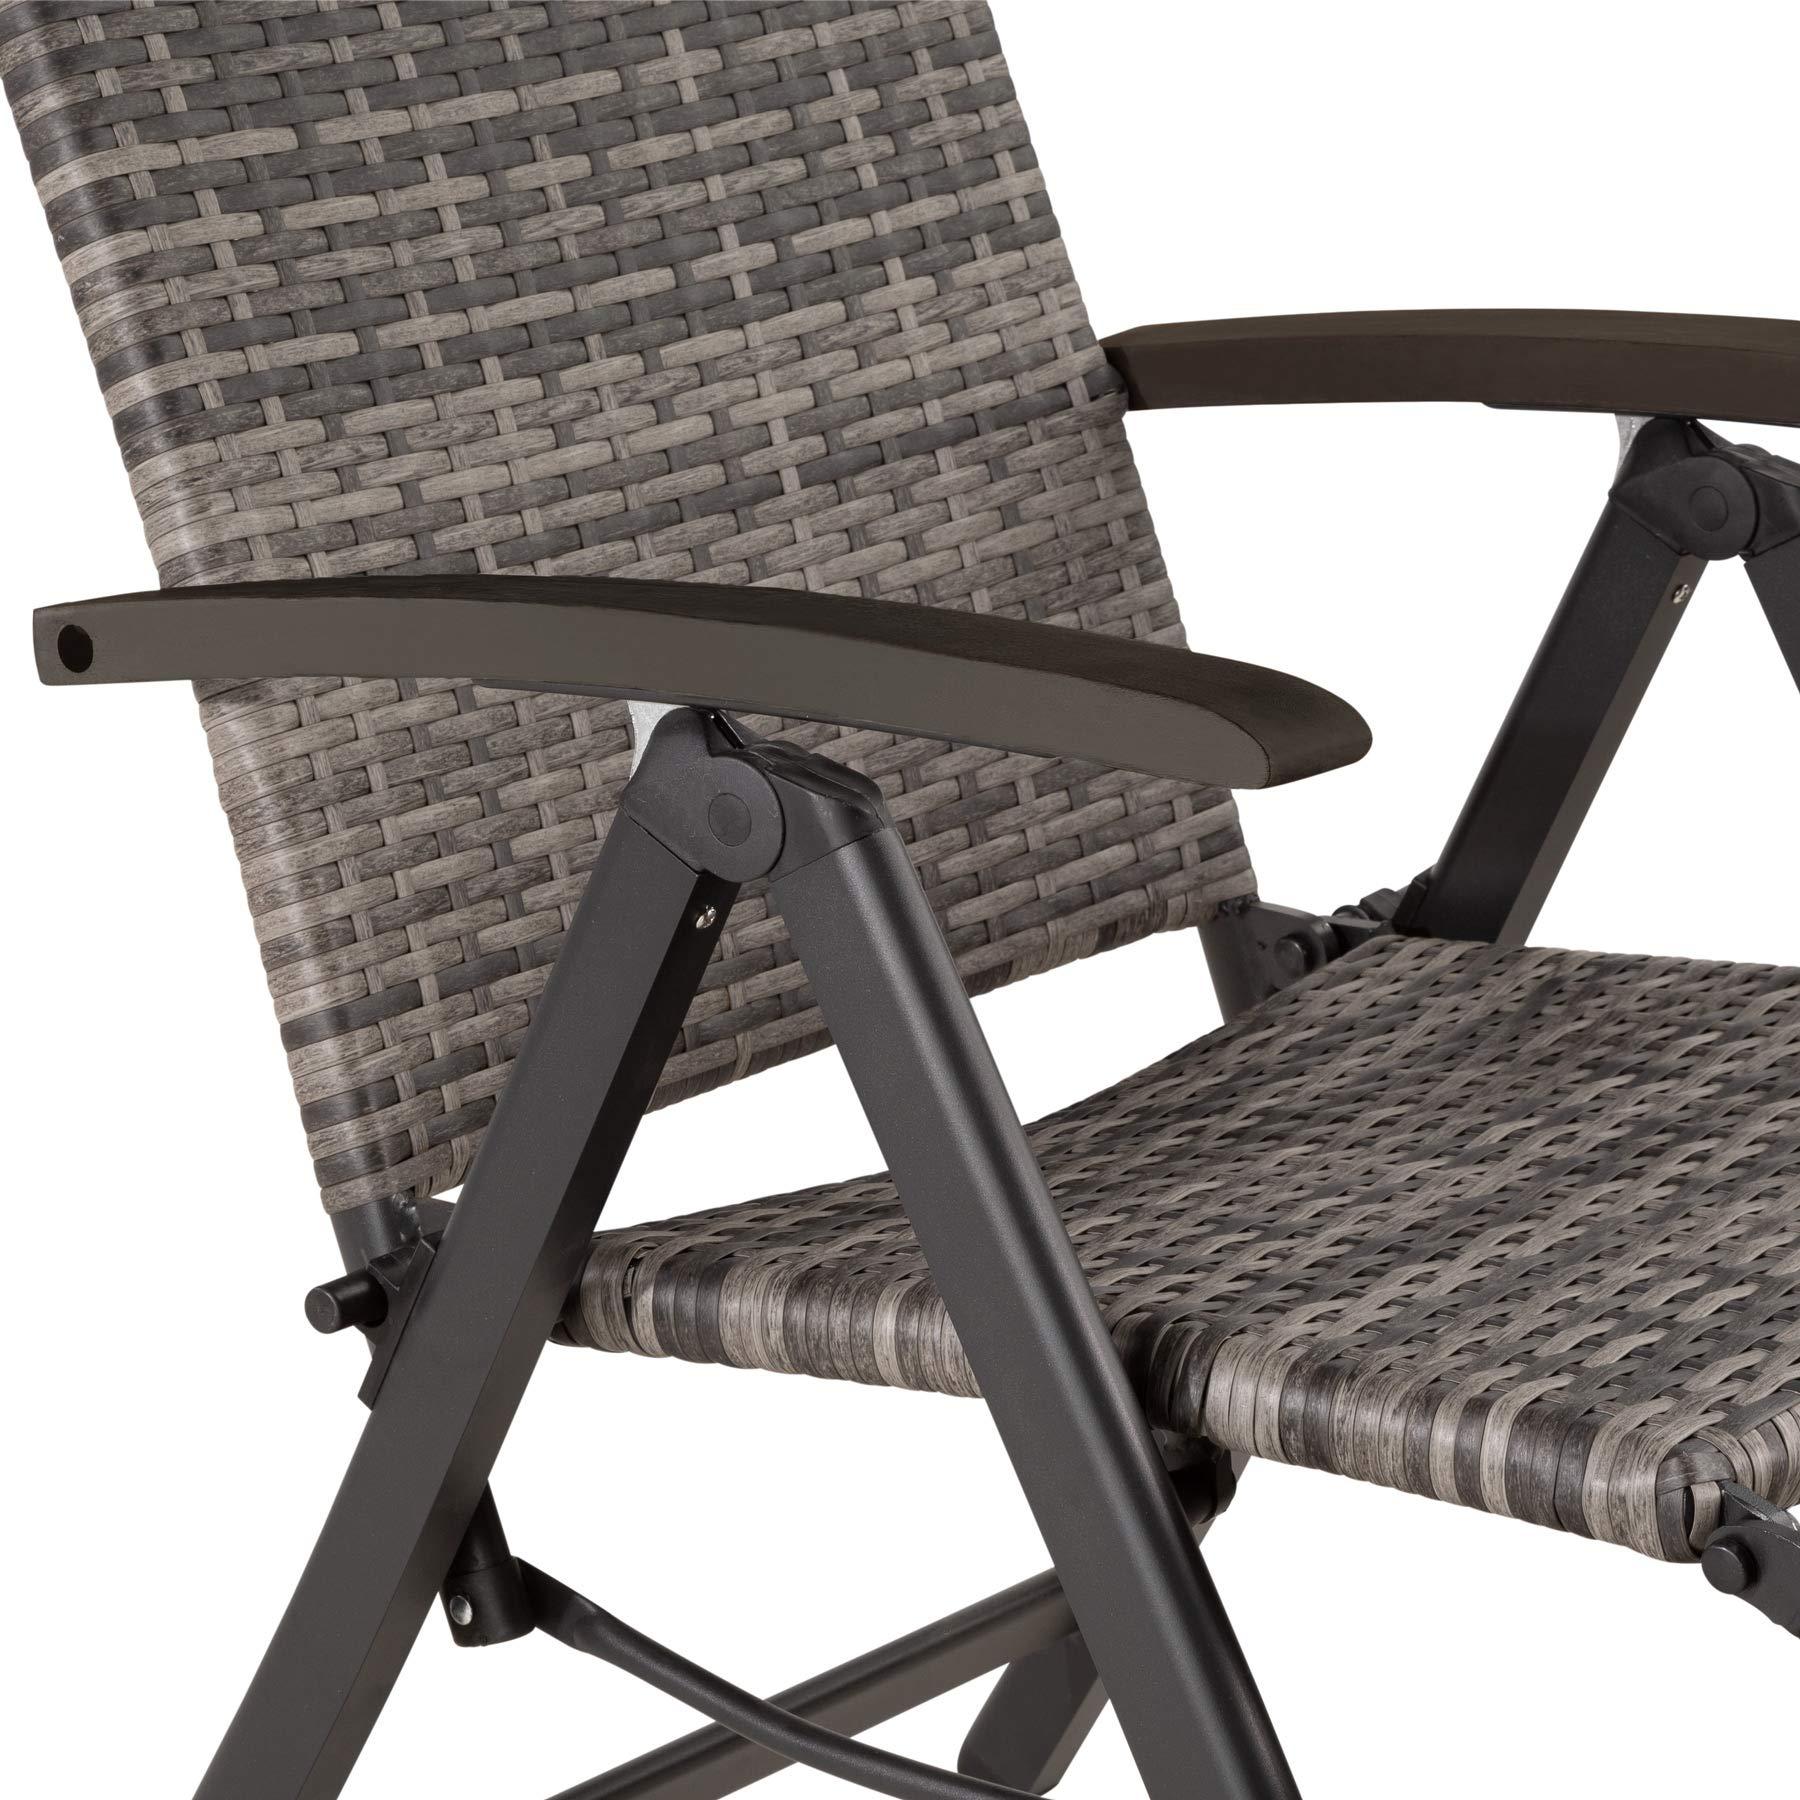 Grigio | No. 403217 Disponibile in Diversi Colori Sedia da Giardino Braccioli e Schienale Regolabile TecTake 800720 Poltrona Relax con Poggiapiedi 76 x 57,5 x 113 cm